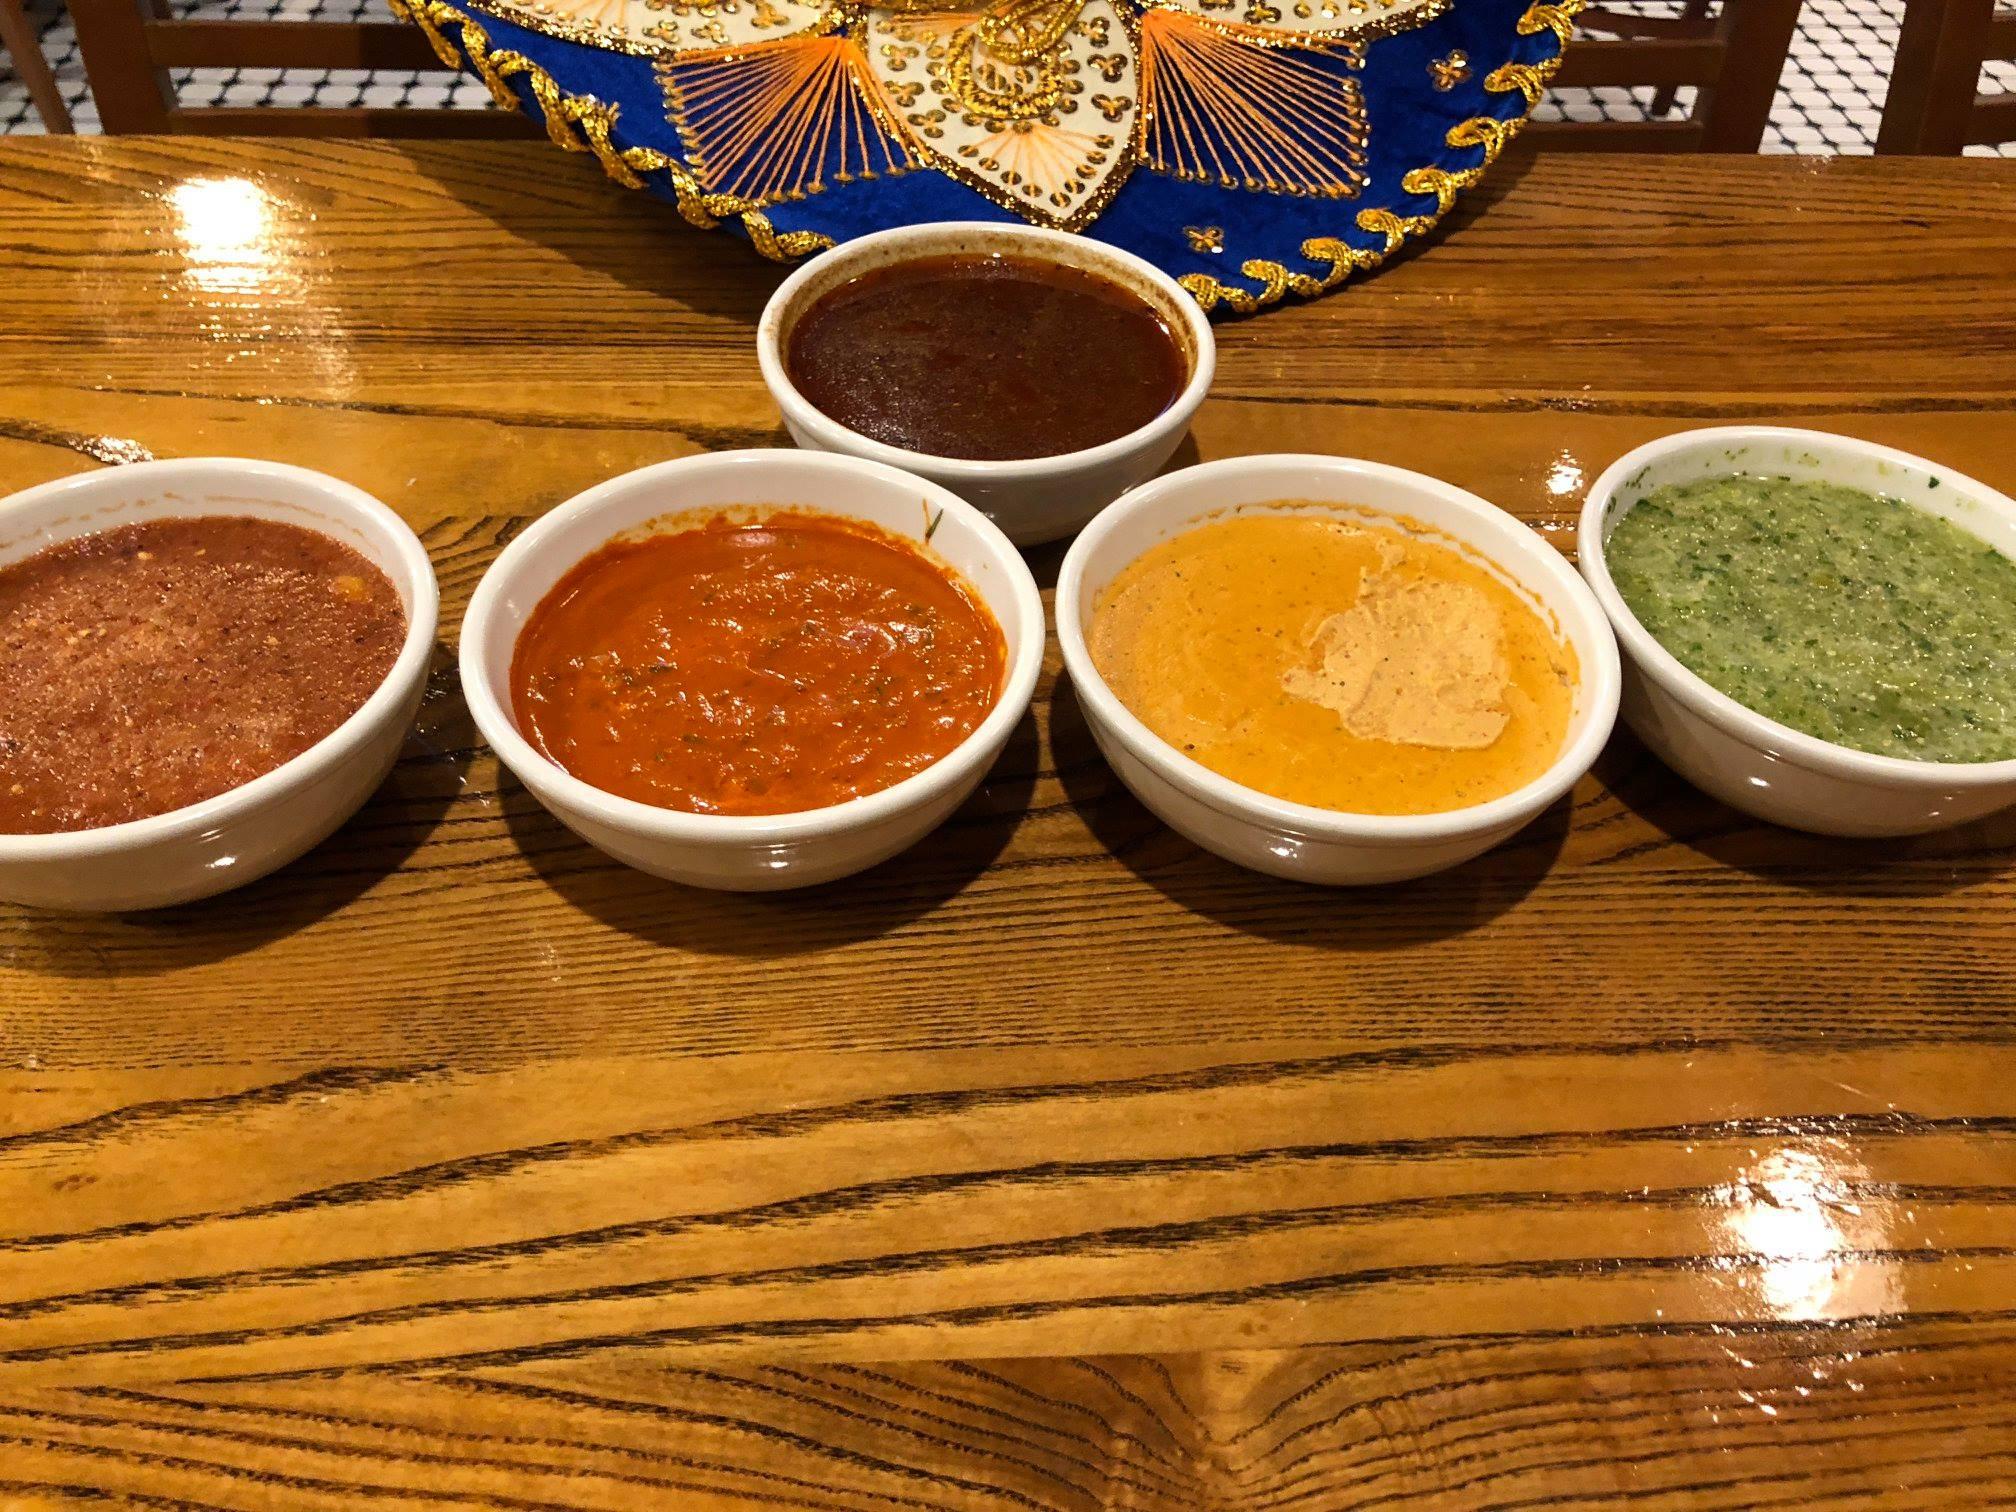 zocalo-sauces